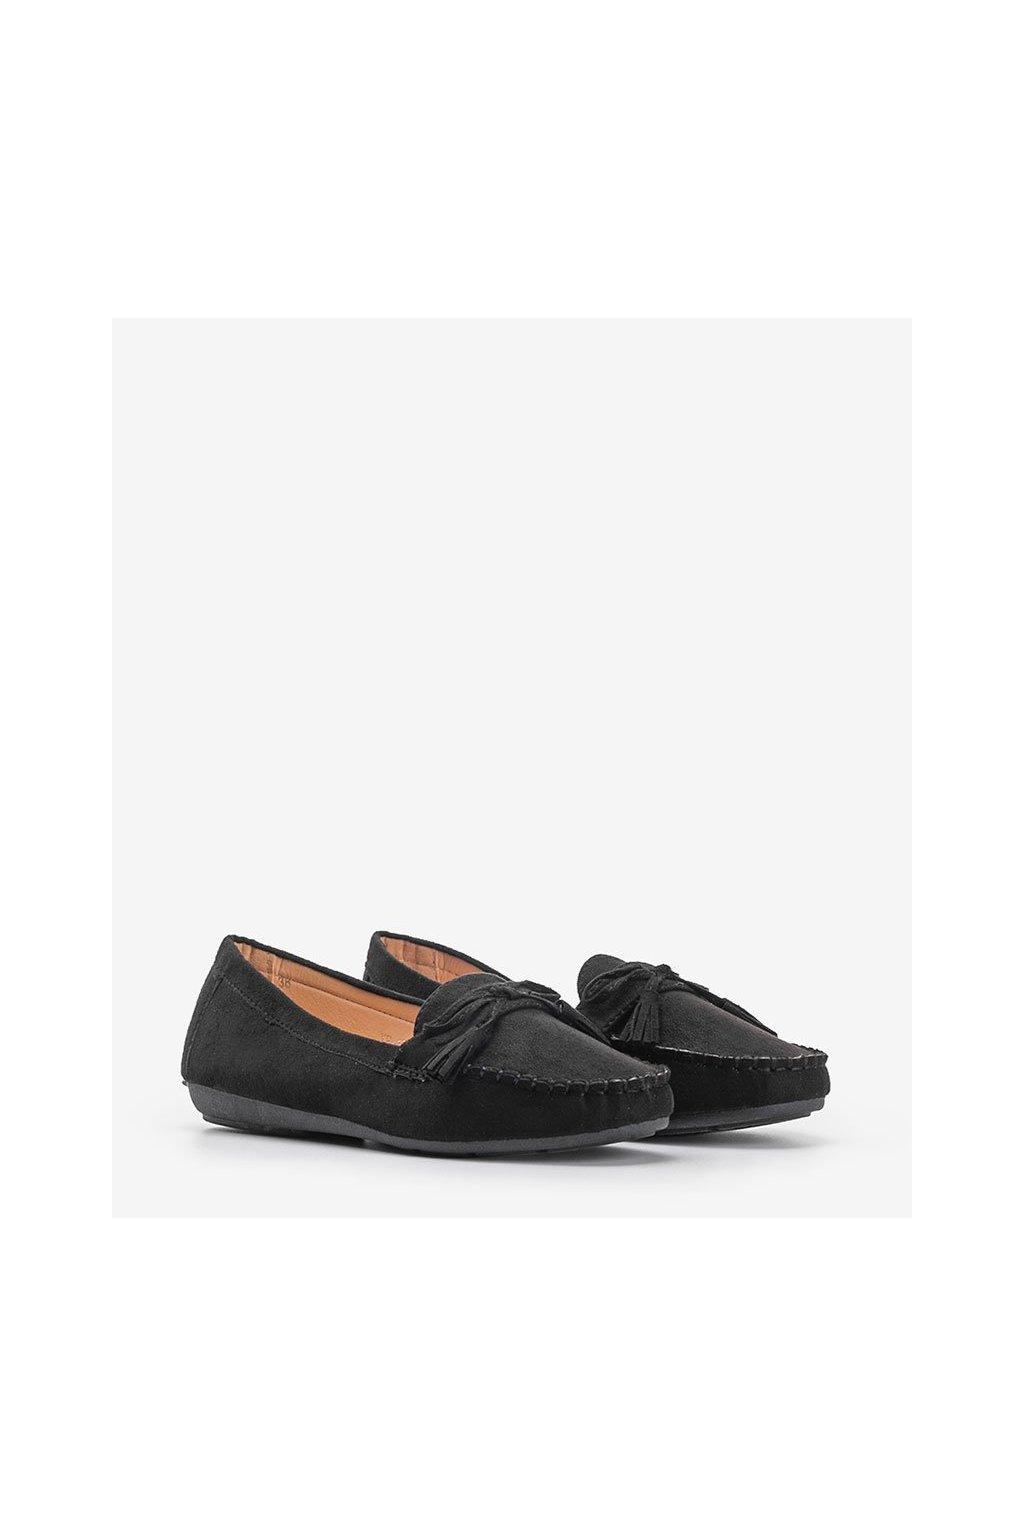 Dámske topánky mokasíny čierne kód XR-12R-1 - GM